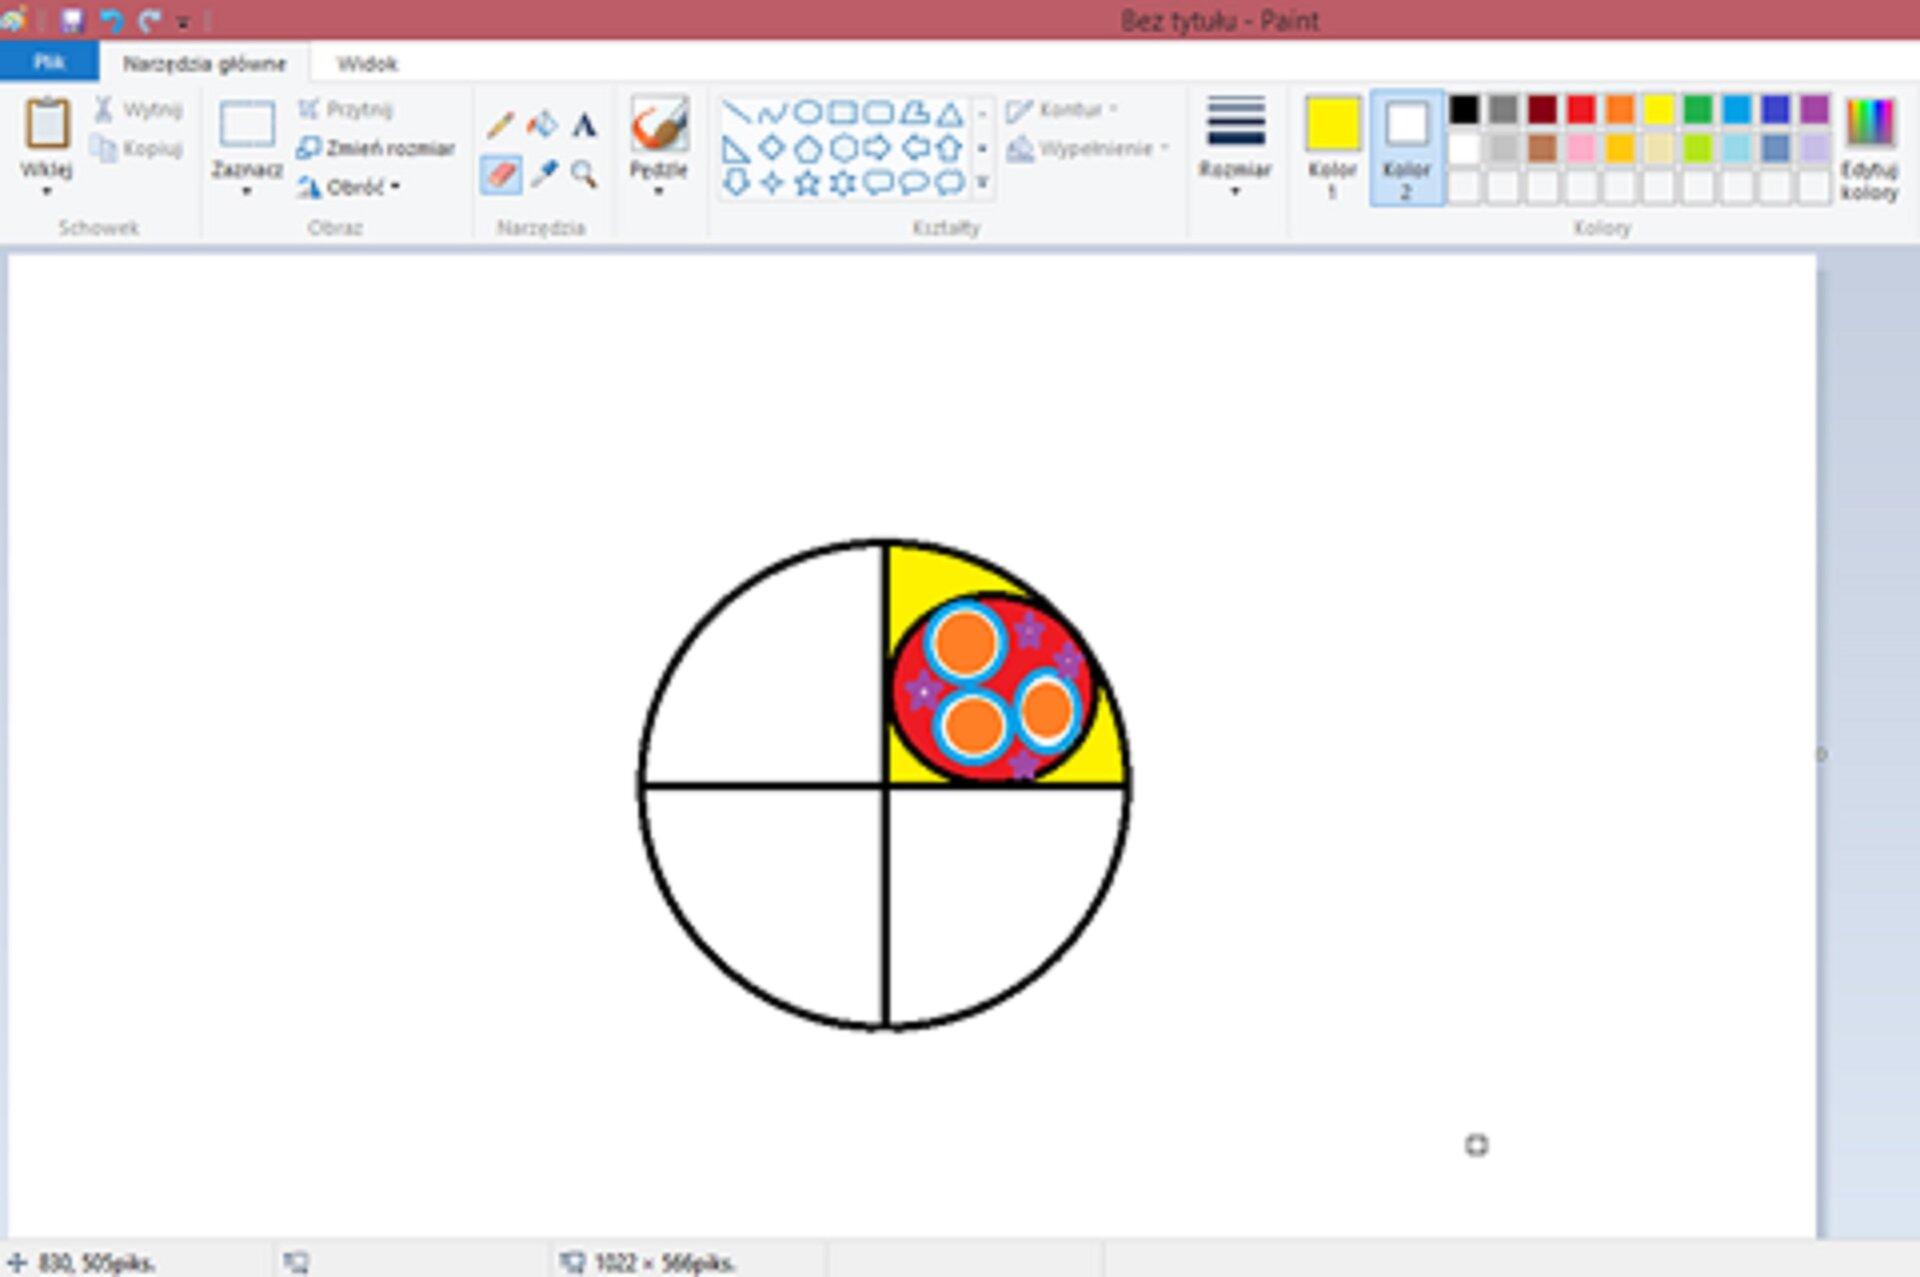 Zrzut okna programu Paint zilustracją przedstawiającą część rozety